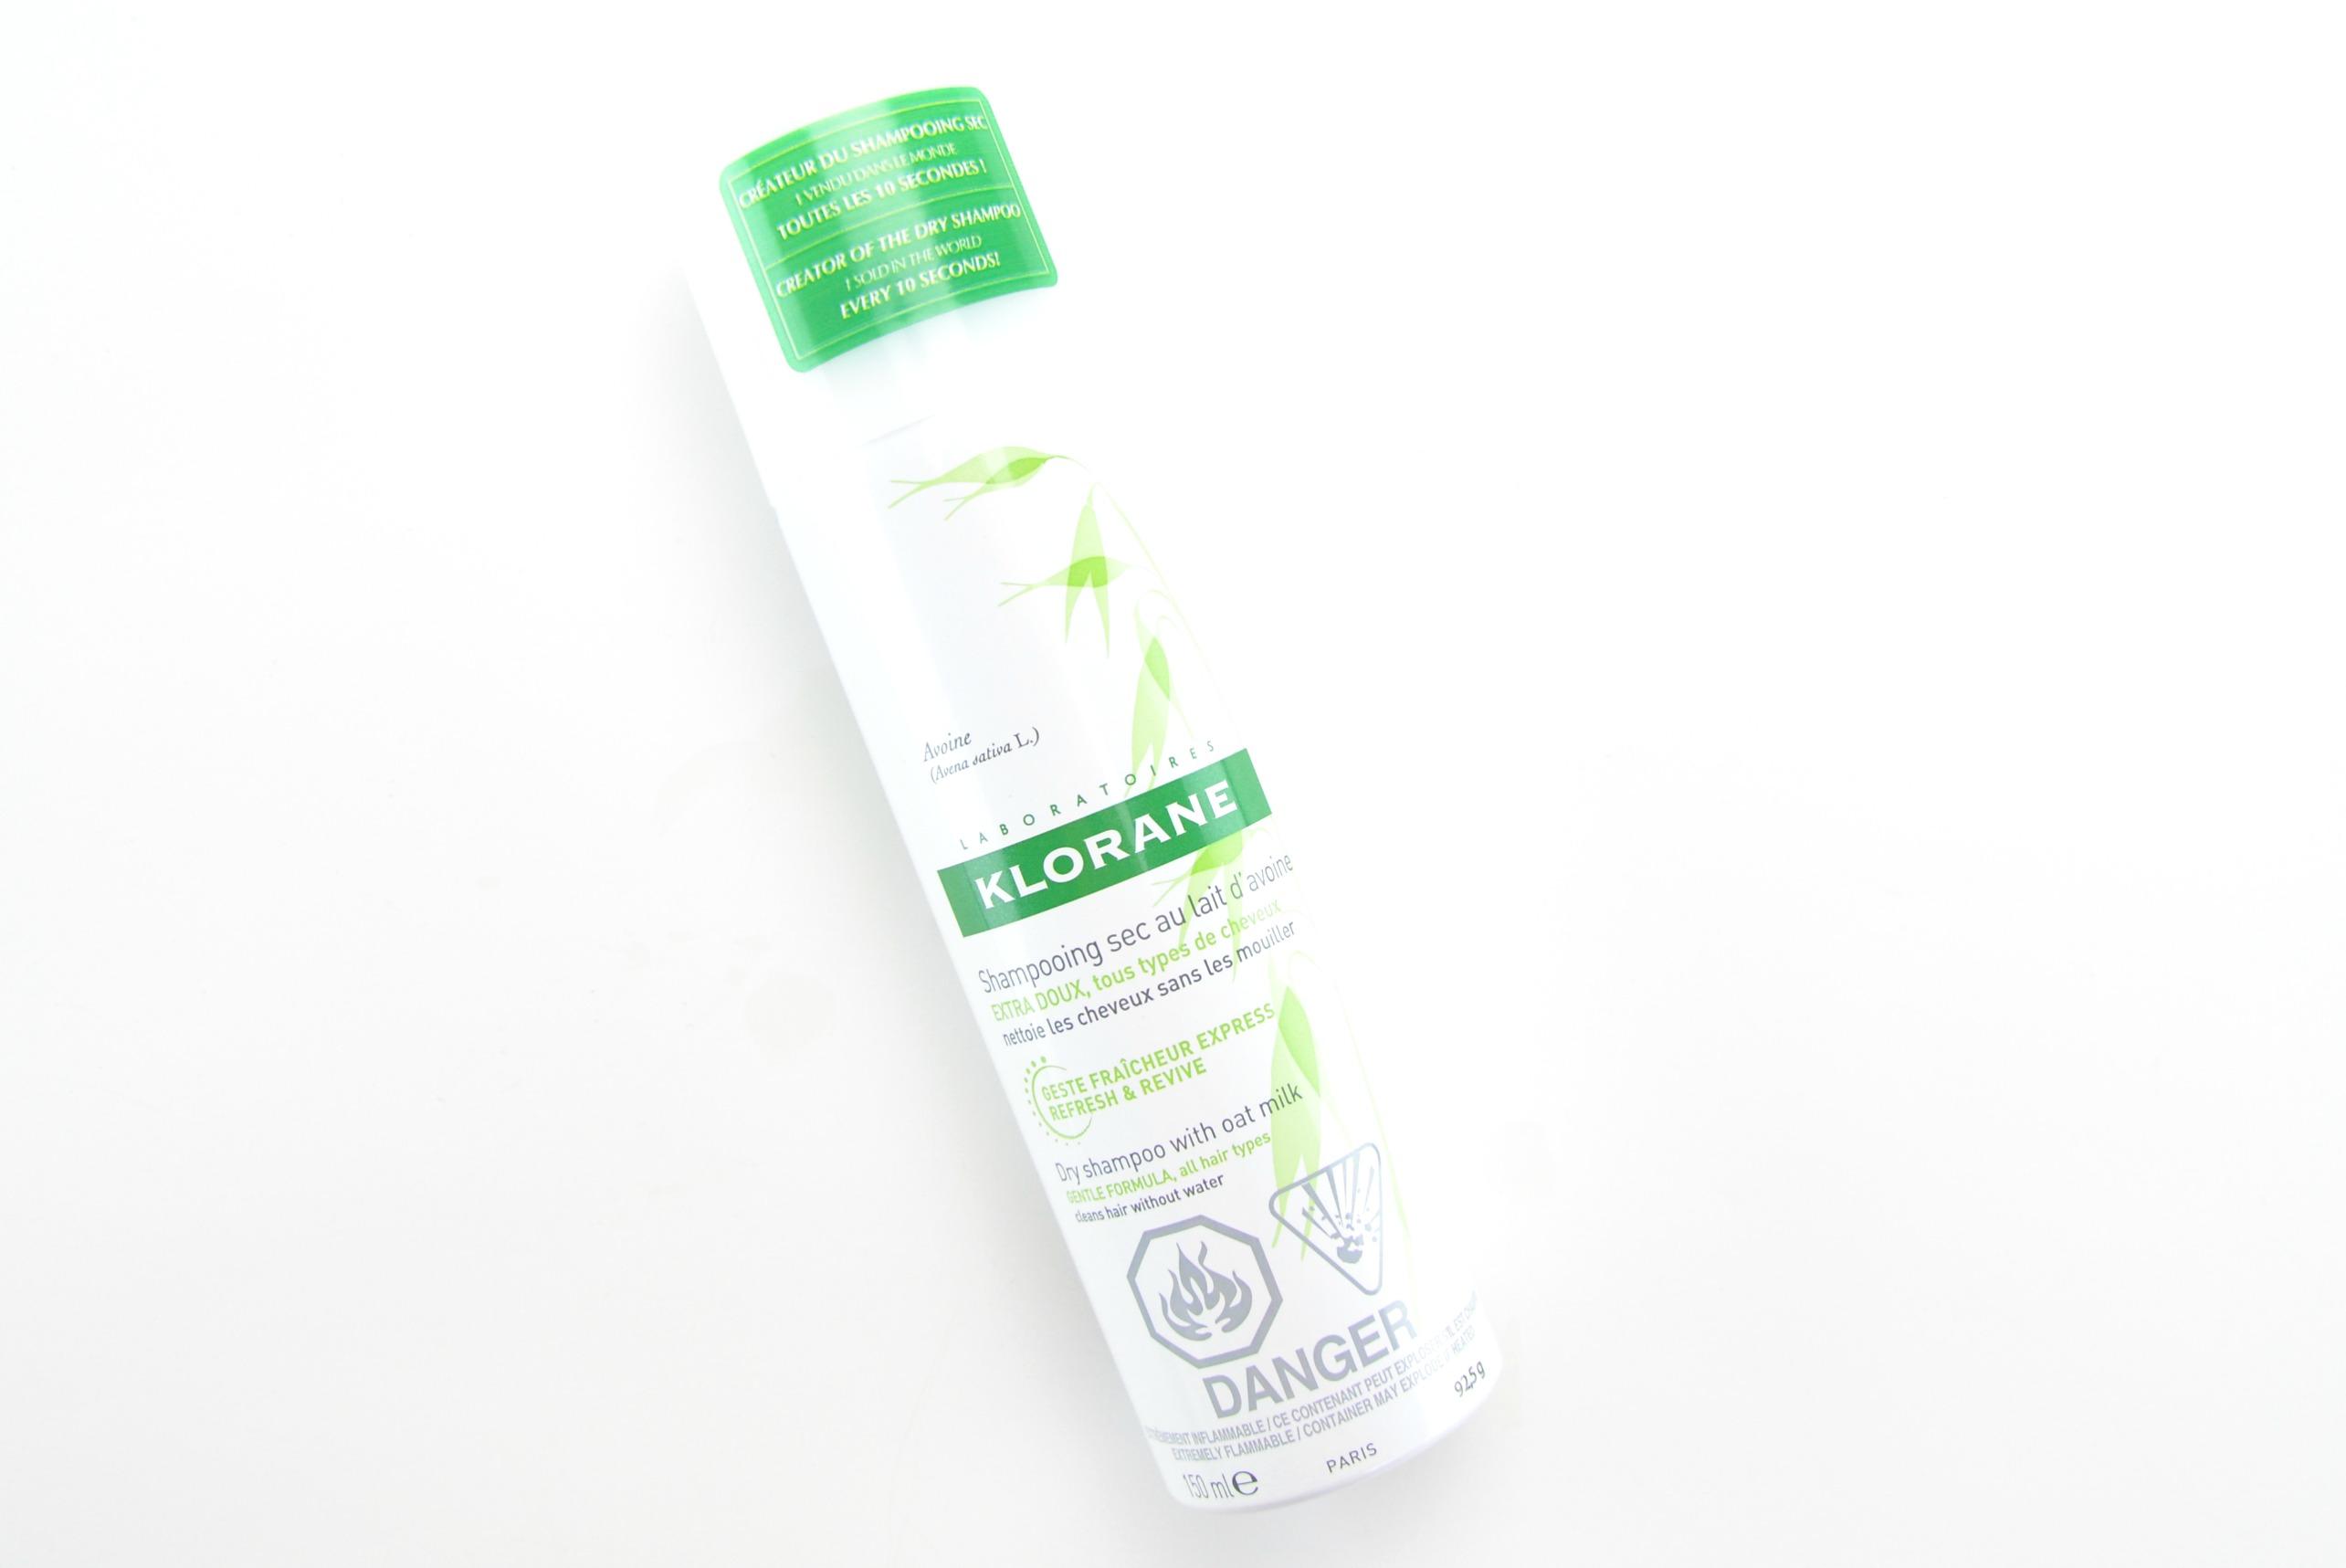 Klorane Dry Shampoo Klorane Dry Shampoo With Oat Milk Review